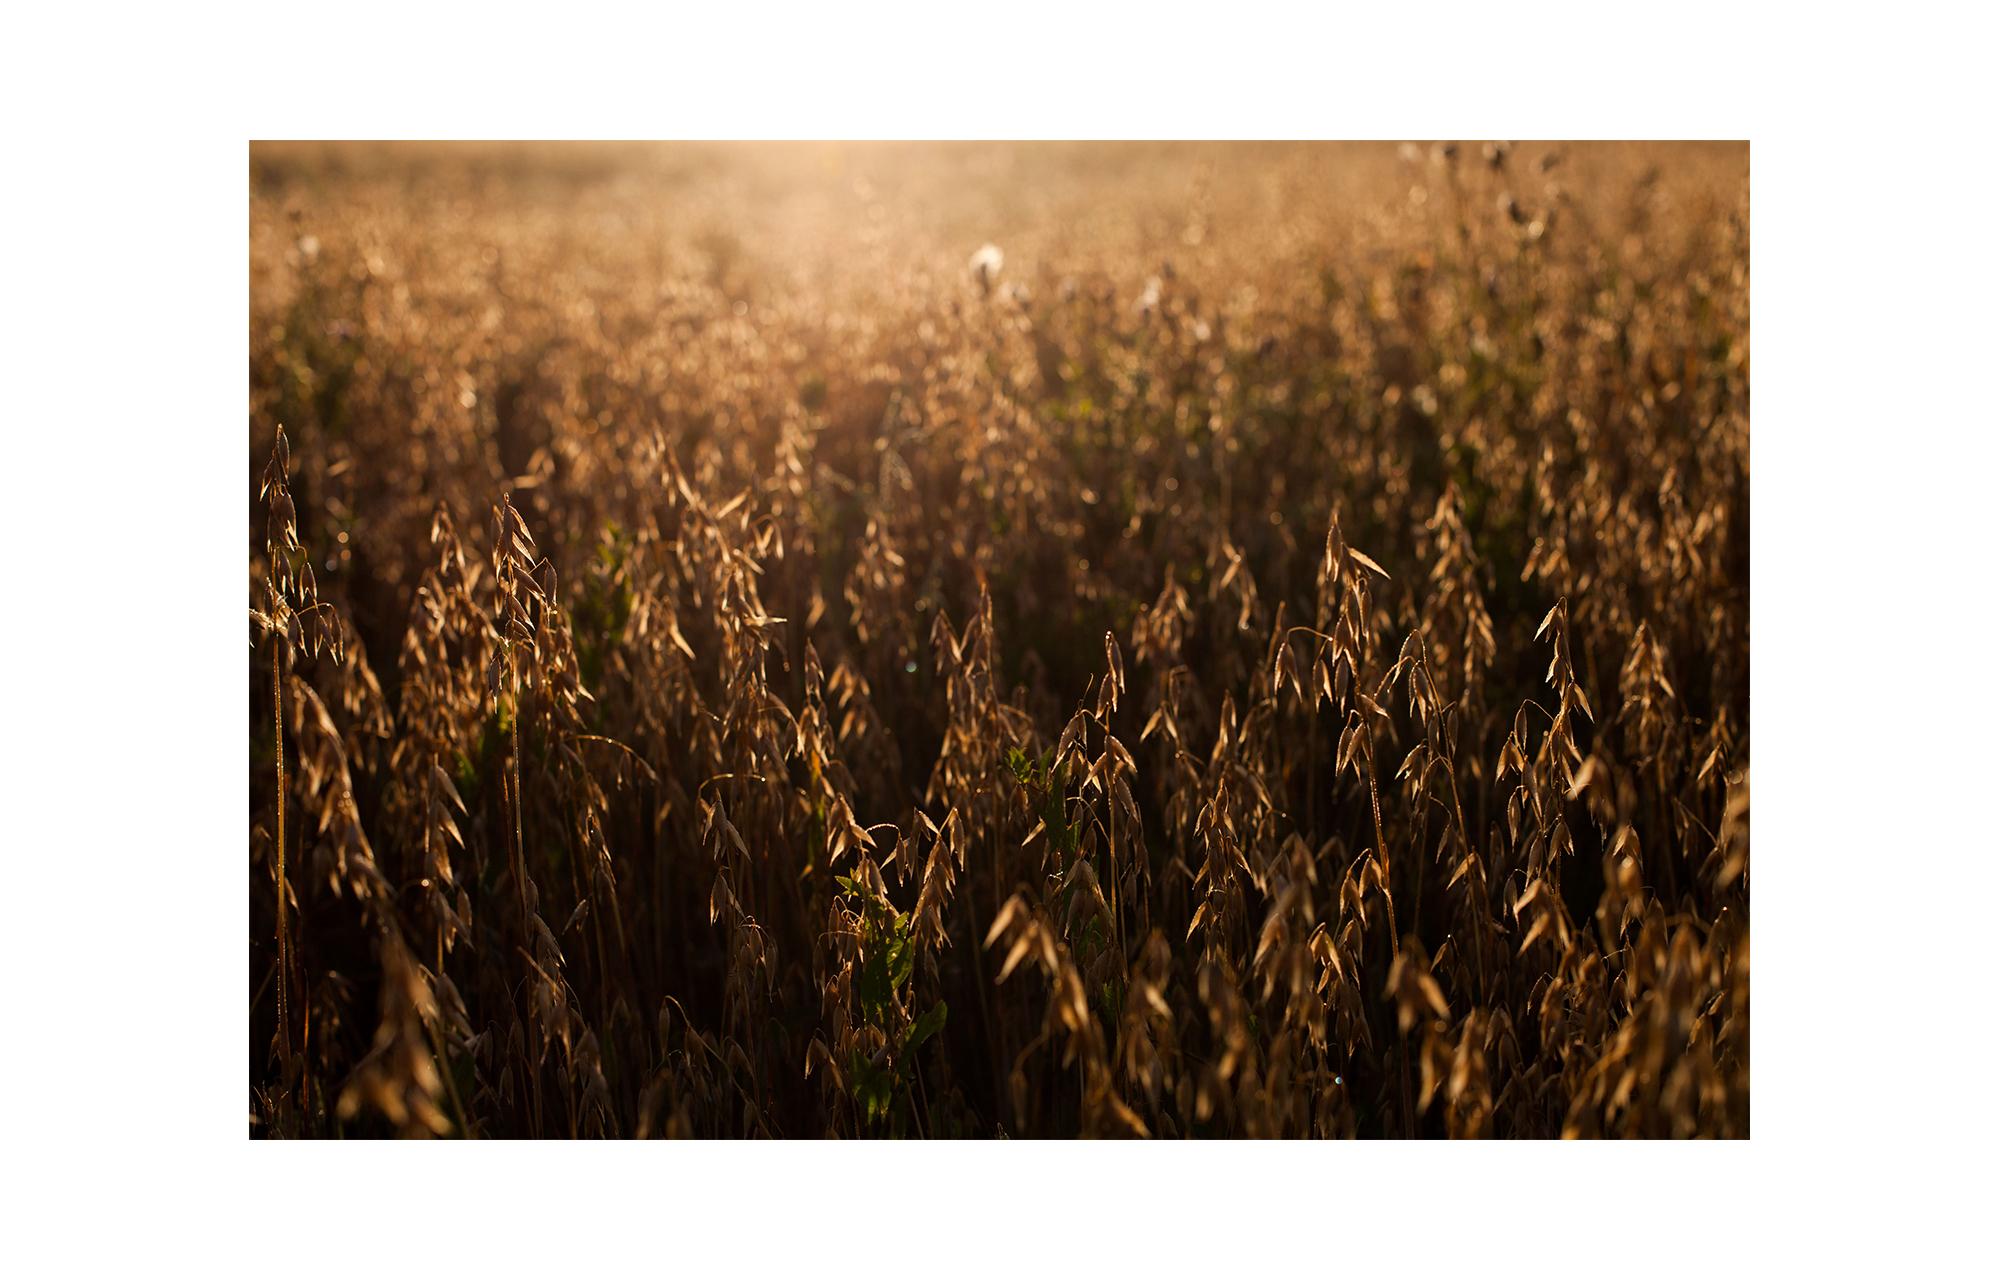 Mollebakkegaard_rc-022.jpg